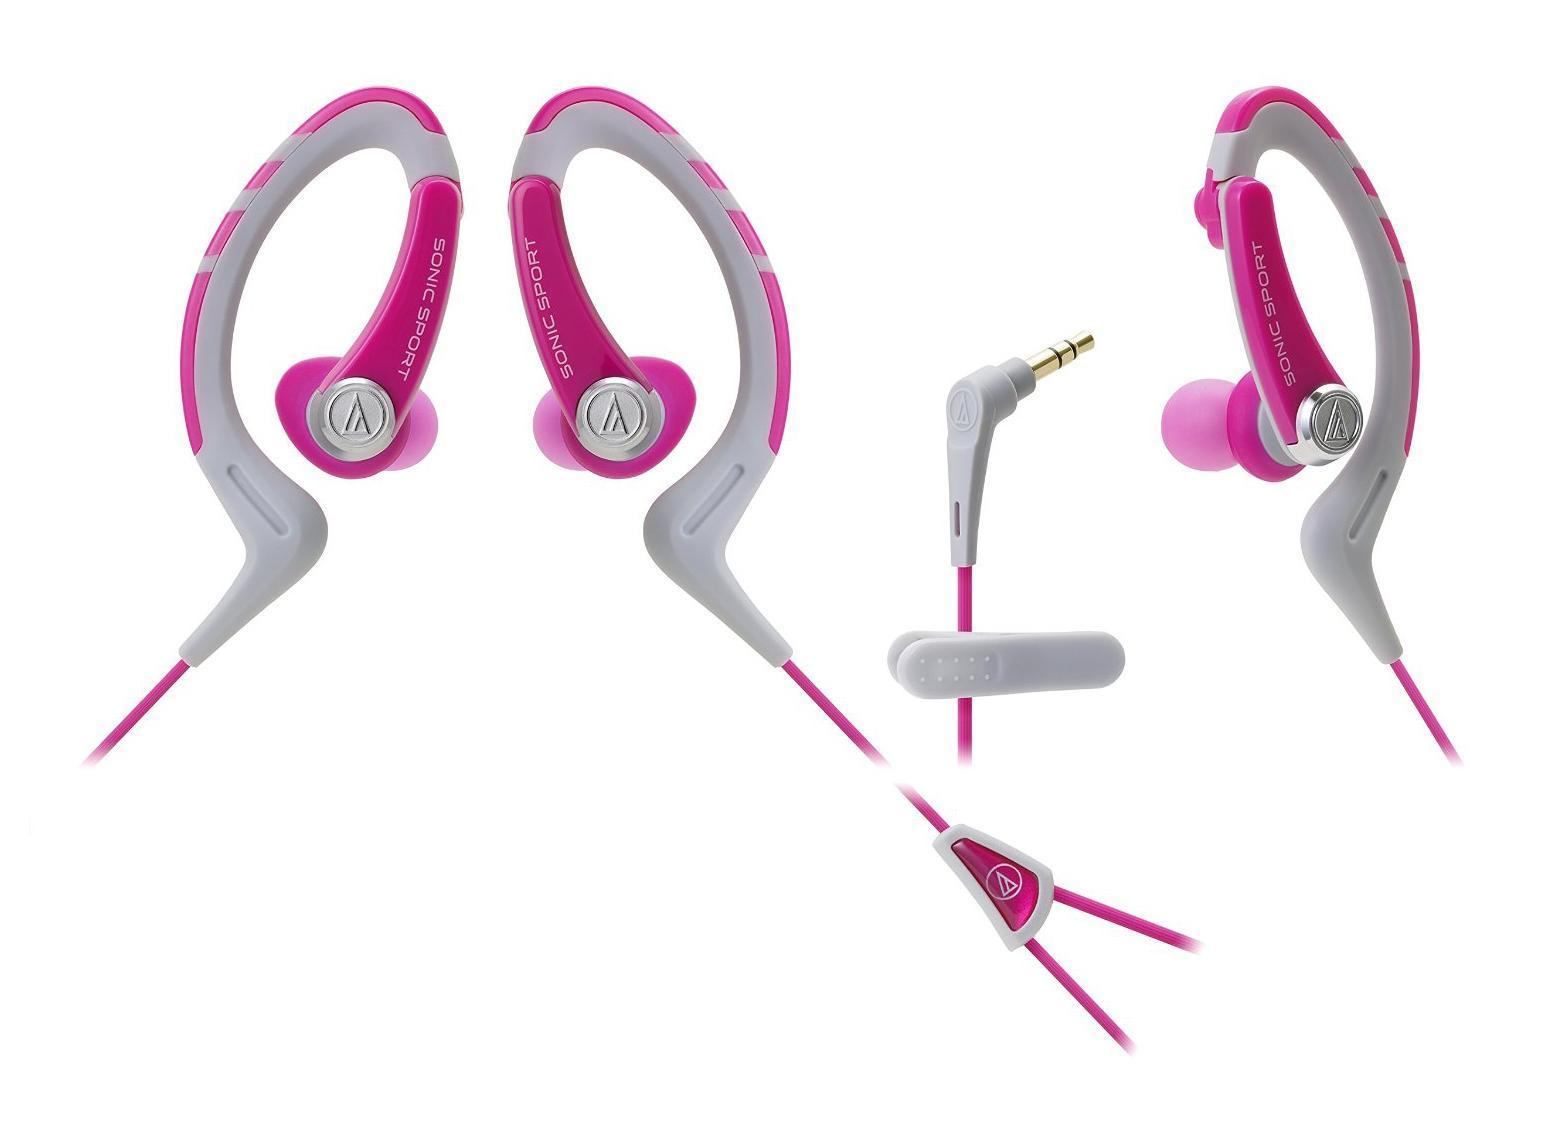 Audio-Technica ATH-Sport1, Pink наушникиATH-SPORT1 PKНаушники-аксессуар, идеальны для занятий спортом Удобное гибкое резиновое крепление за ухом Долгие часы динамичного звучания Влагозащита уровня IXP5 Укороченный кабель с клипсой